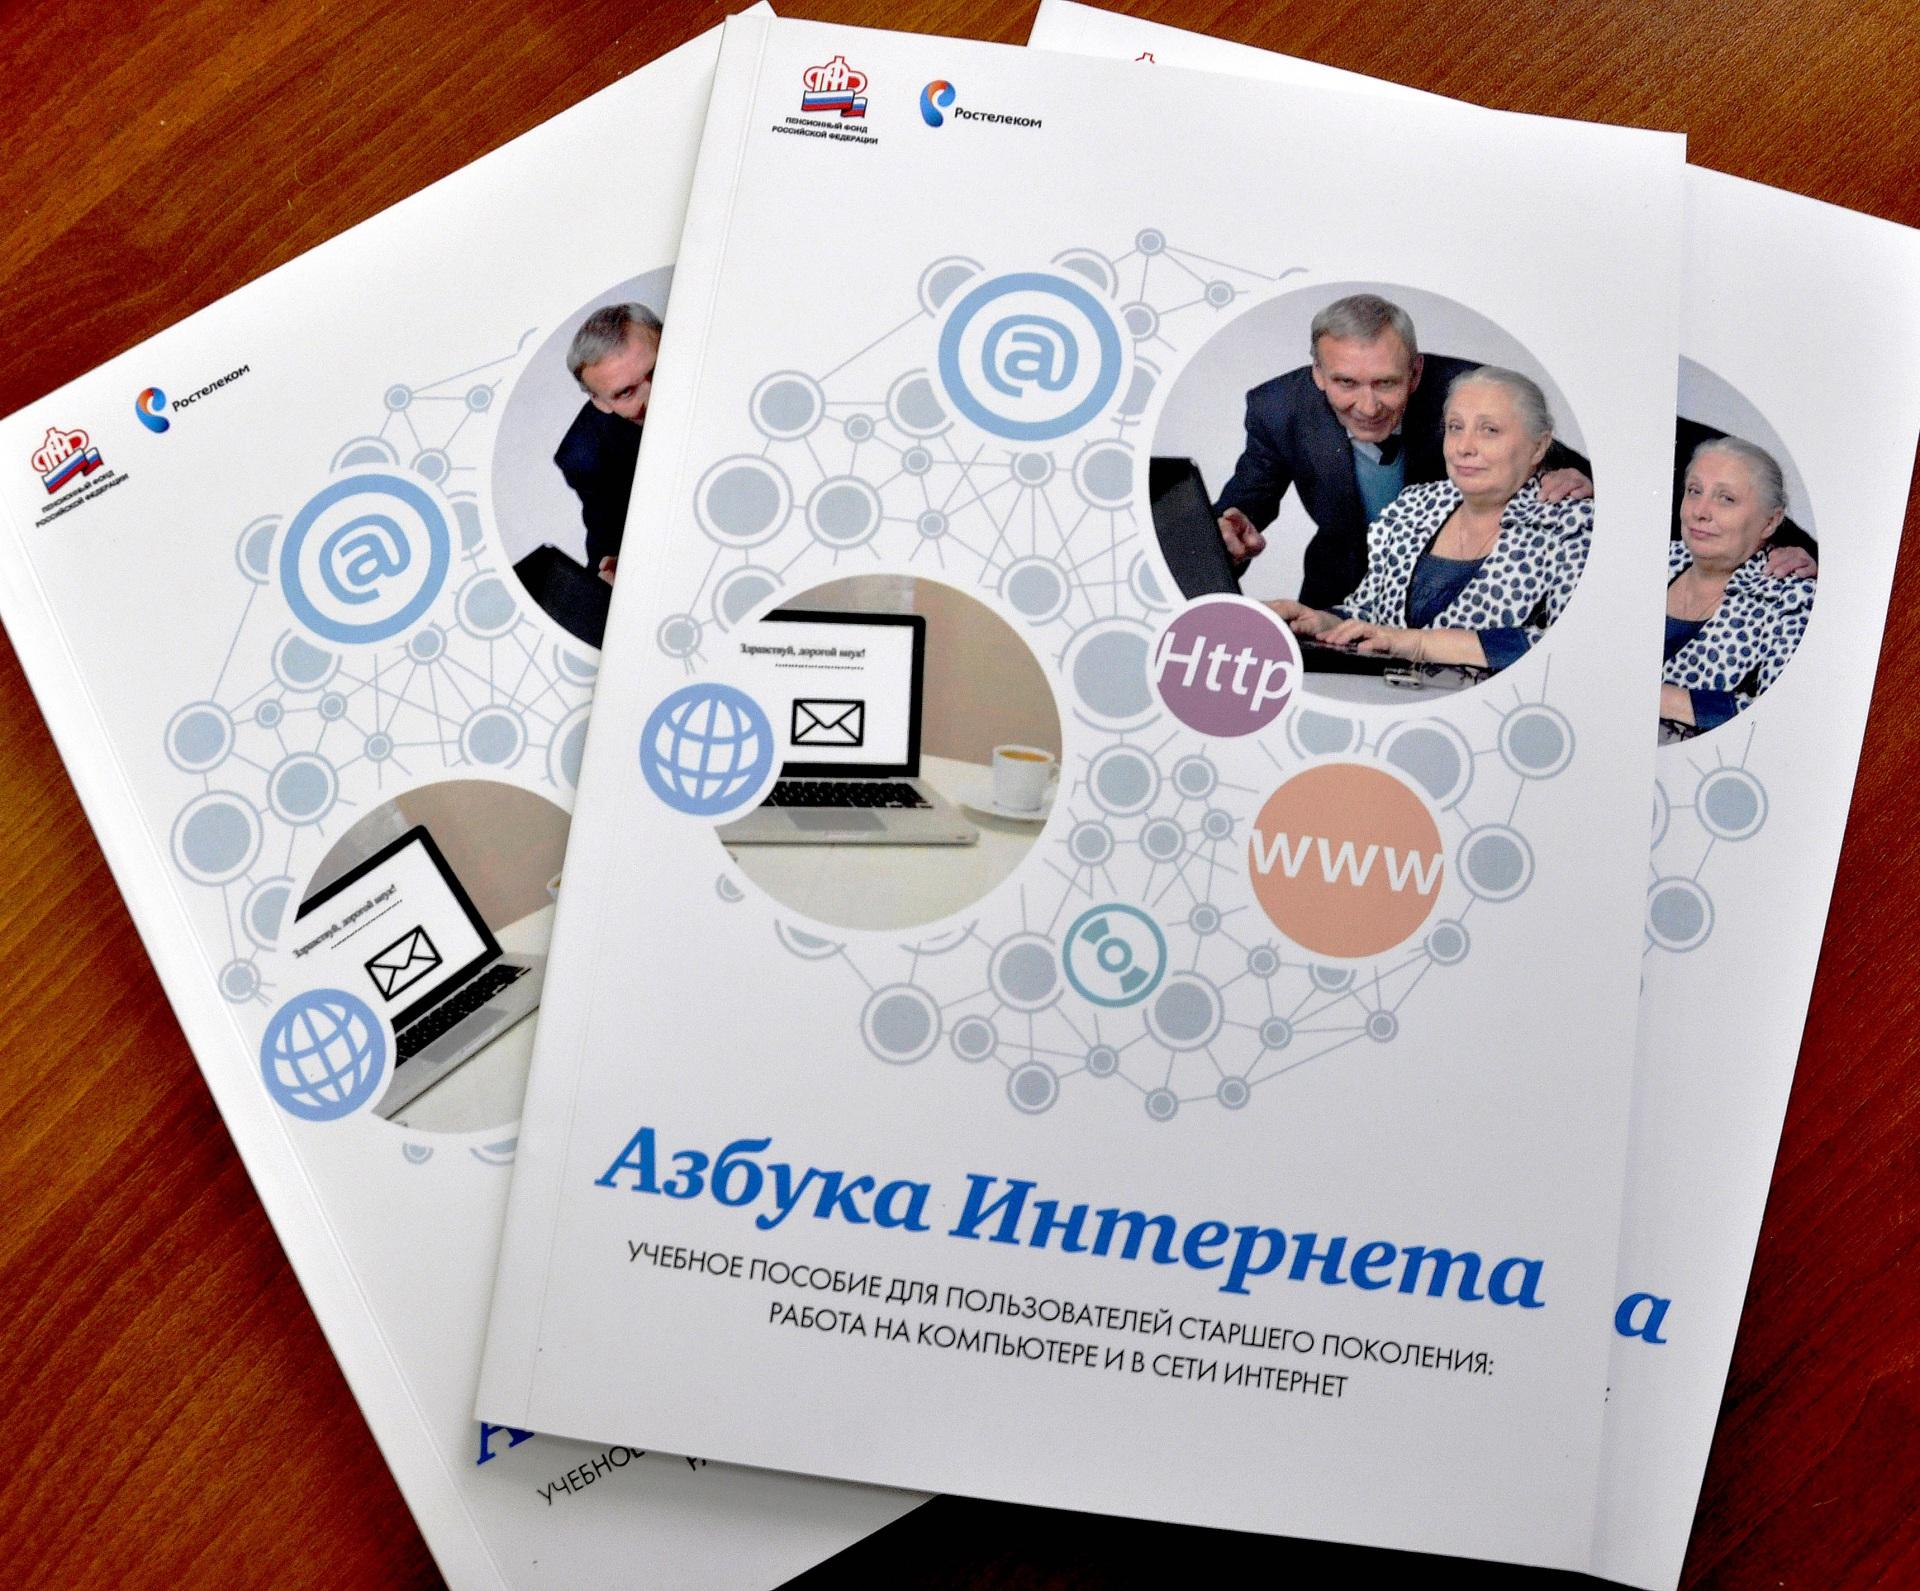 Представители Коми приняли участие в первом семинаре для организаторов компьютерных курсов для пенсионеров